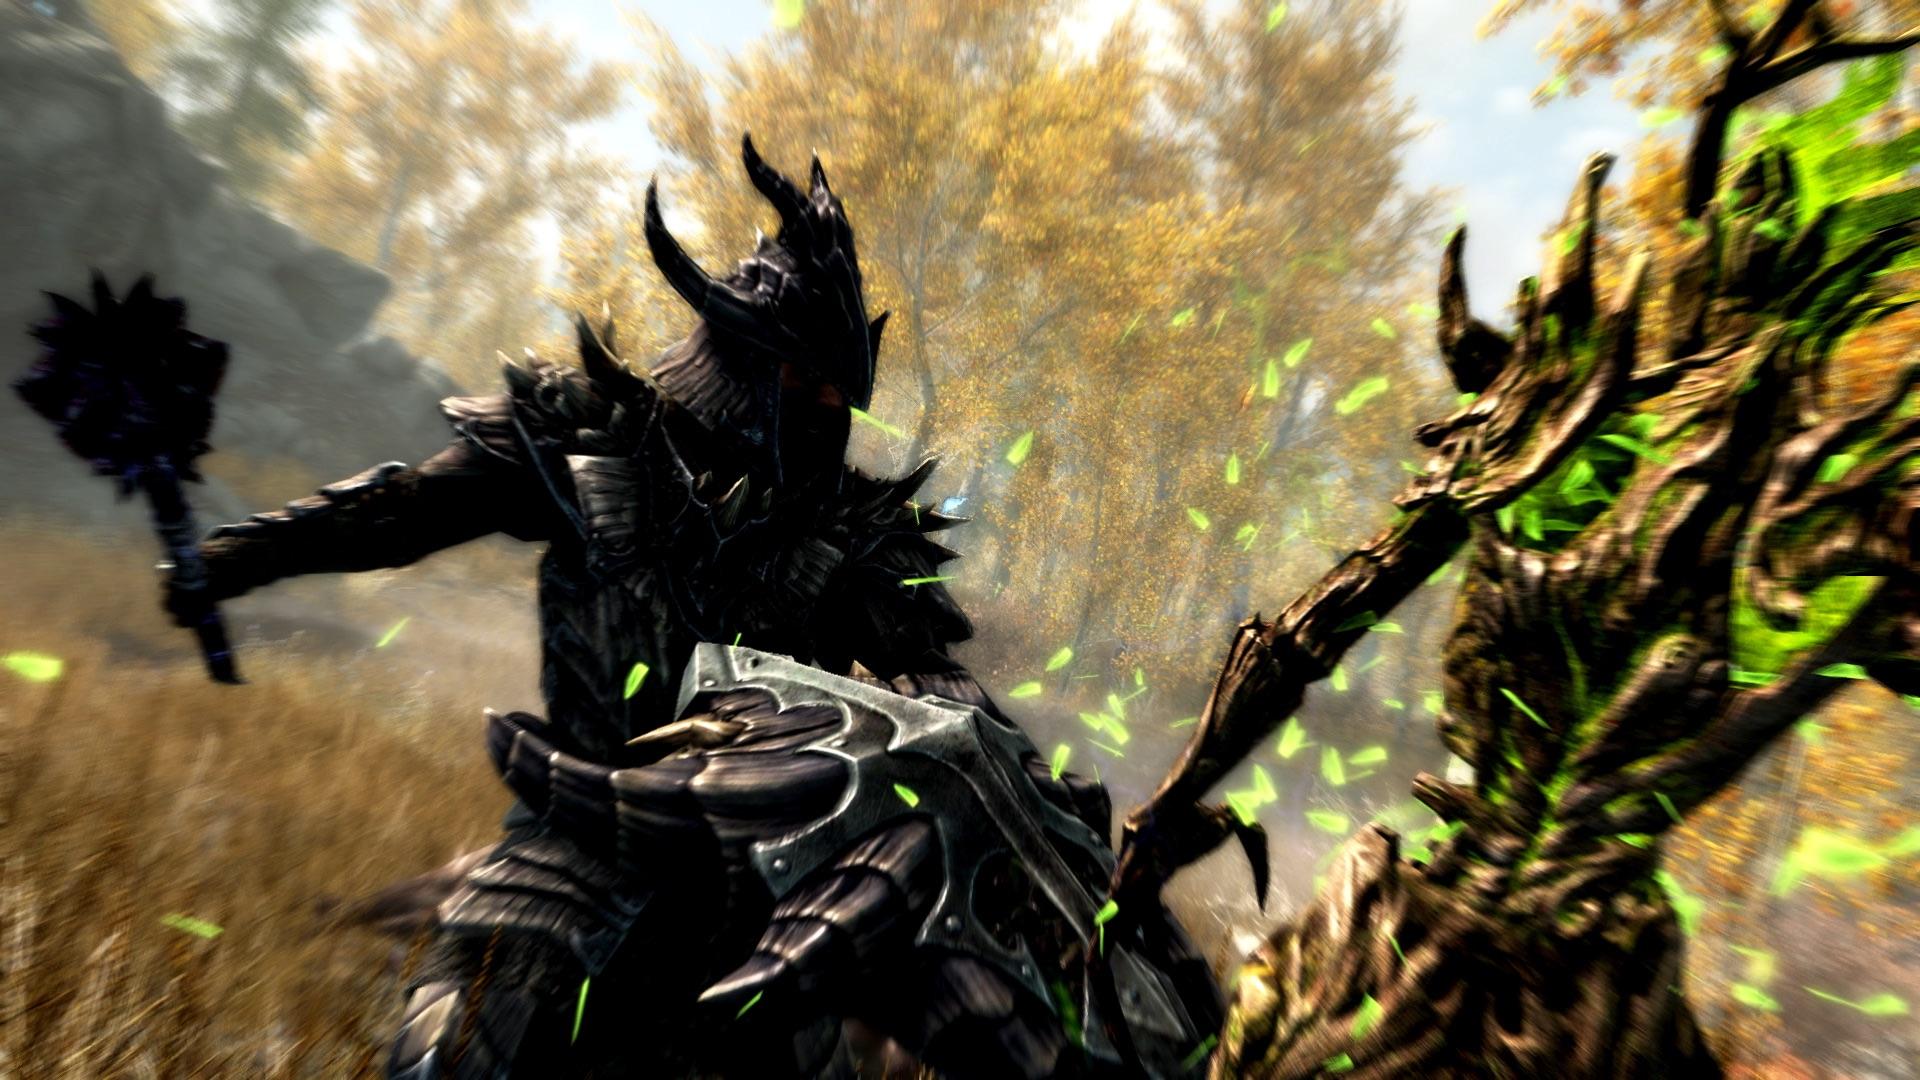 The Elder Scrolls V: Skyrim, annunciata l'edizione rimasterizzata per PC, Xbox One e PS4